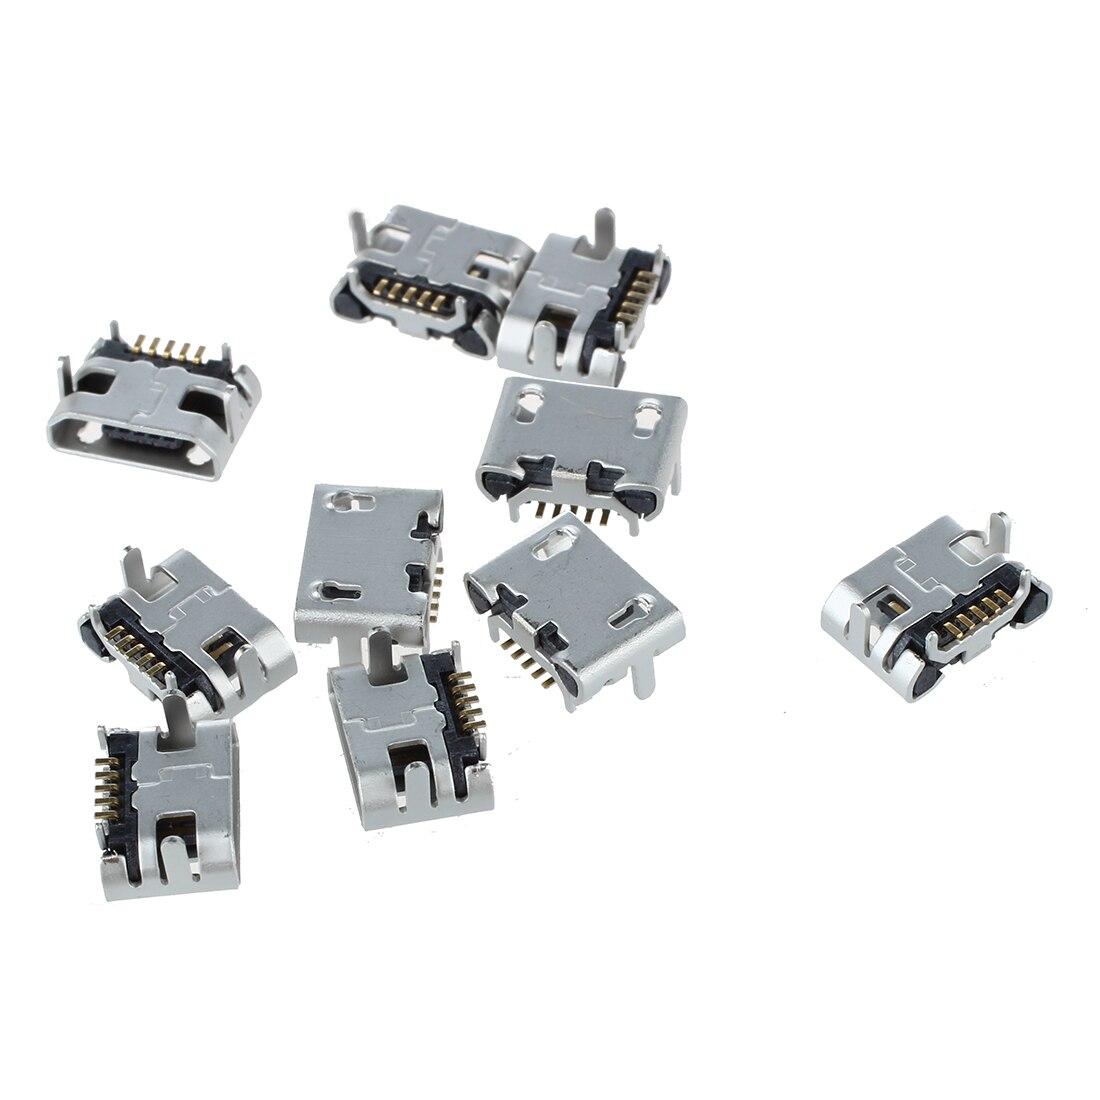 Разъем Micro USB 10 шт., 5-контактный разъем usb для зарядки, гнездовой разъем для MP3/4/5 Huawei Lenovo ZTE и других мобильных телефонов